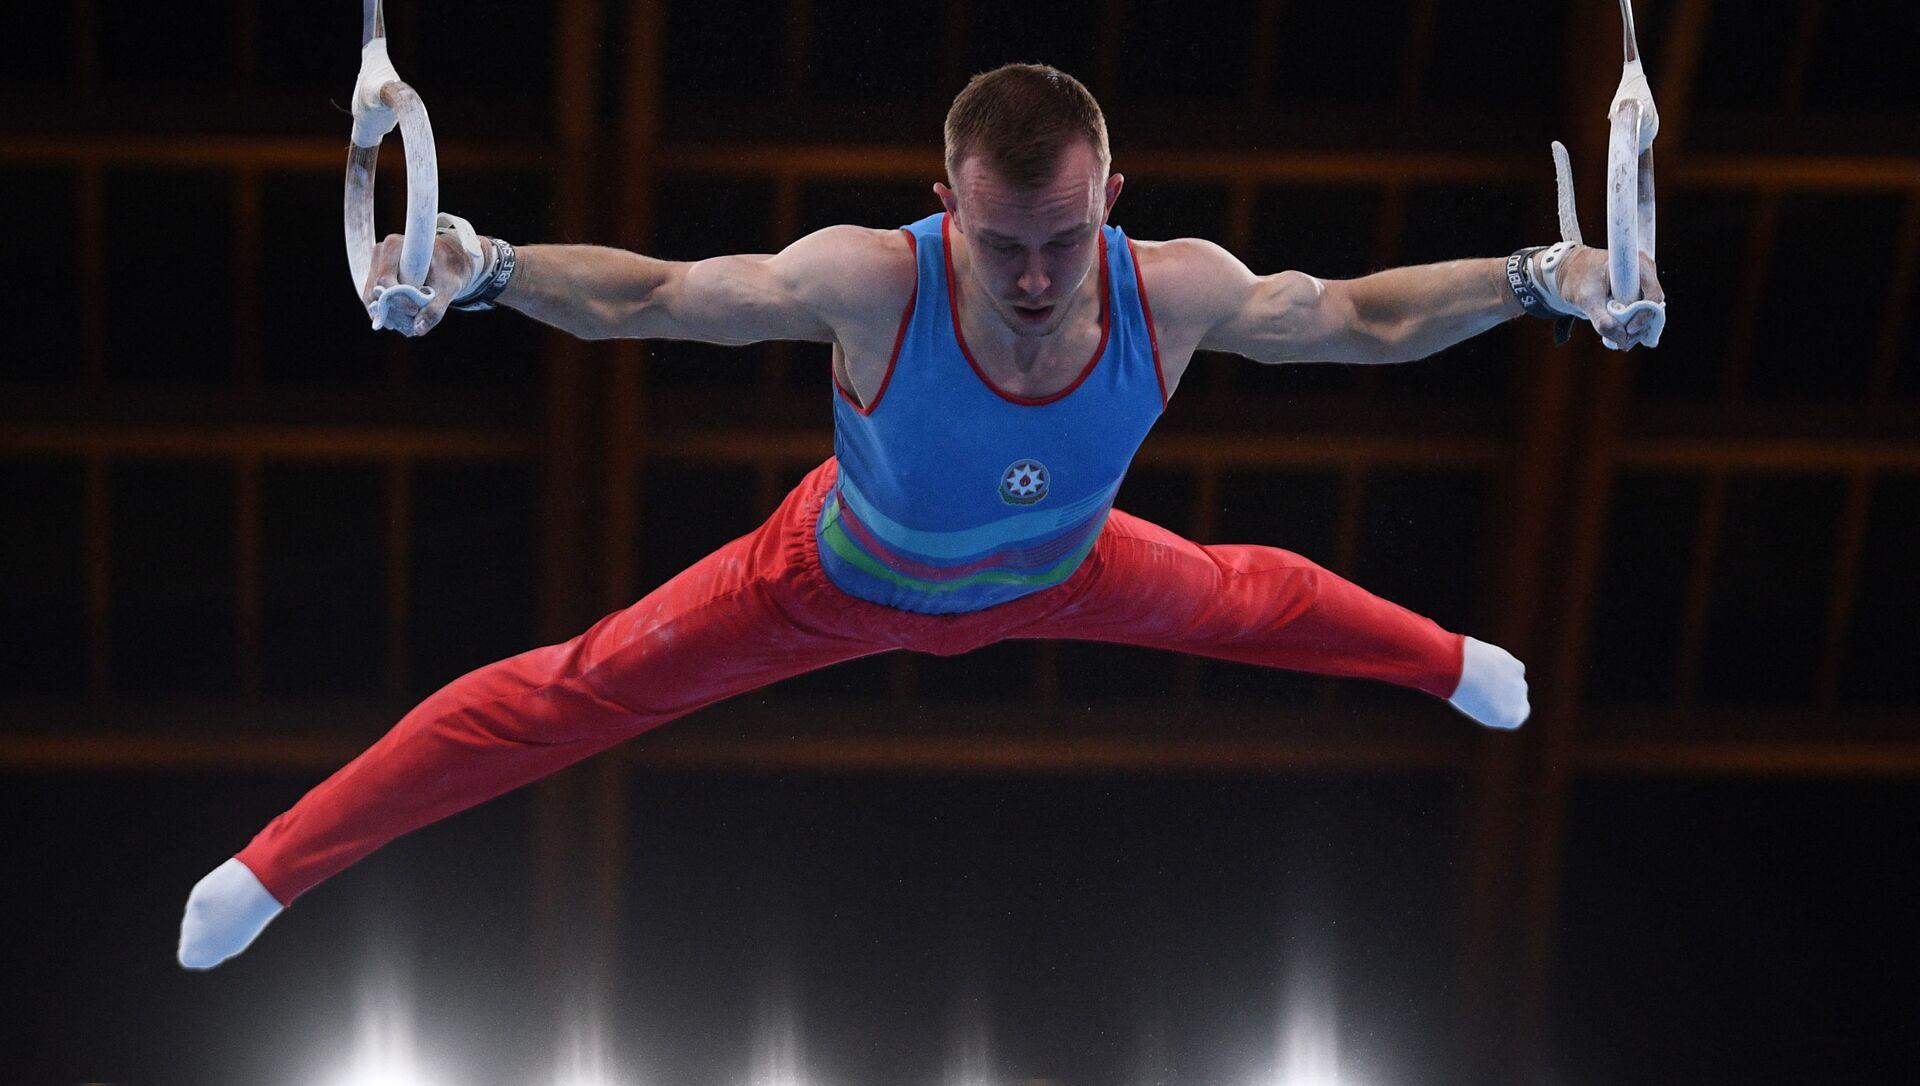 Спортивный гимнаст Иван Тихонов - Sputnik Азербайджан, 1920, 24.07.2021